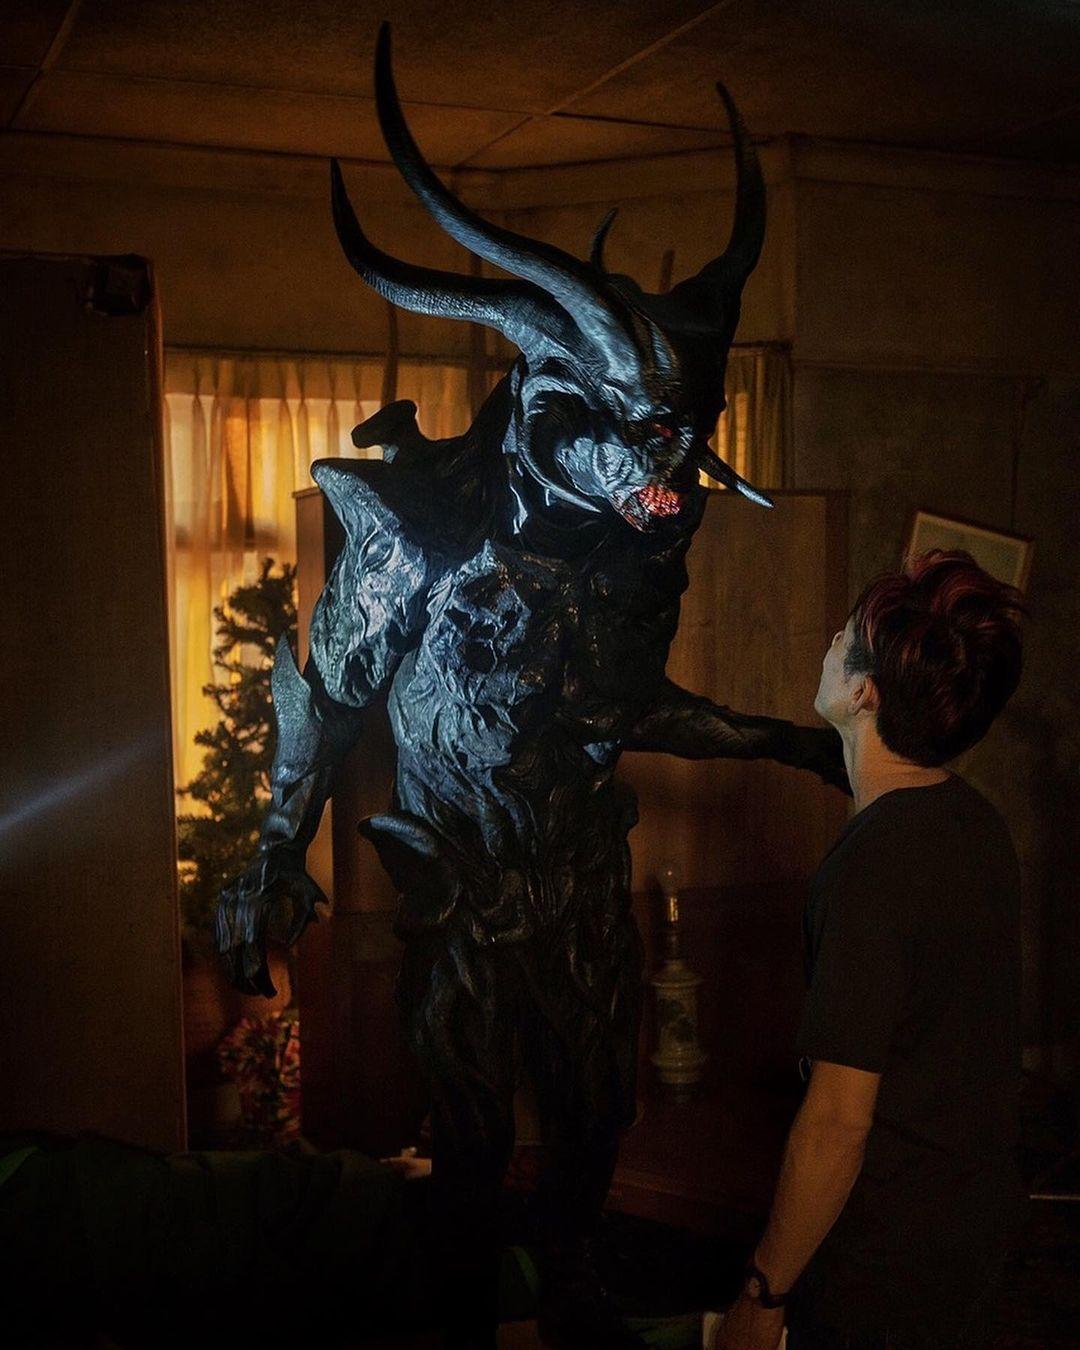 Оказывается, вместо монахини в«Заклятии2» мог появиться демон-Дракула! 6